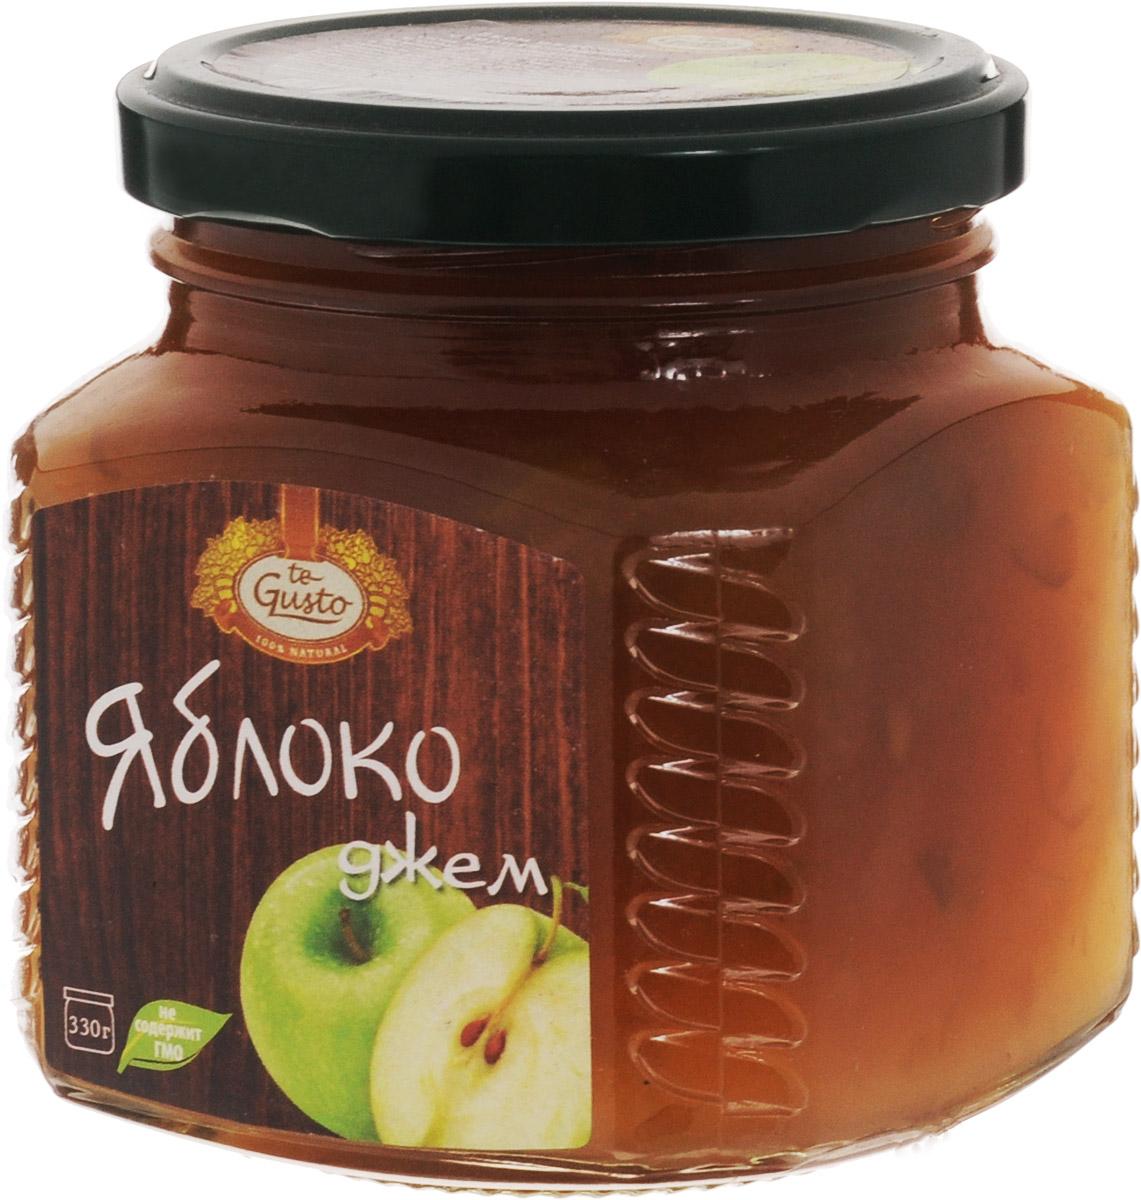 te Gusto Джем из яблок, 330 г4657155301283Ароматный джем  te Gusto сварен из яблок, имеет желеобразную консистенцию с крупными кусочками фруктов.Для приготовления используются только свежие, тщательно отобранные плоды, созревшие в экологически чистых местах. Продукт не содержит ГМО.Полезные элементы, которыми богат яблочный джем - это калий и пектин. Калий полезен для мочевыводящей системы и сердца, а пектин нормализует уровень холестерина в организме и способствует выводу вредных веществ.